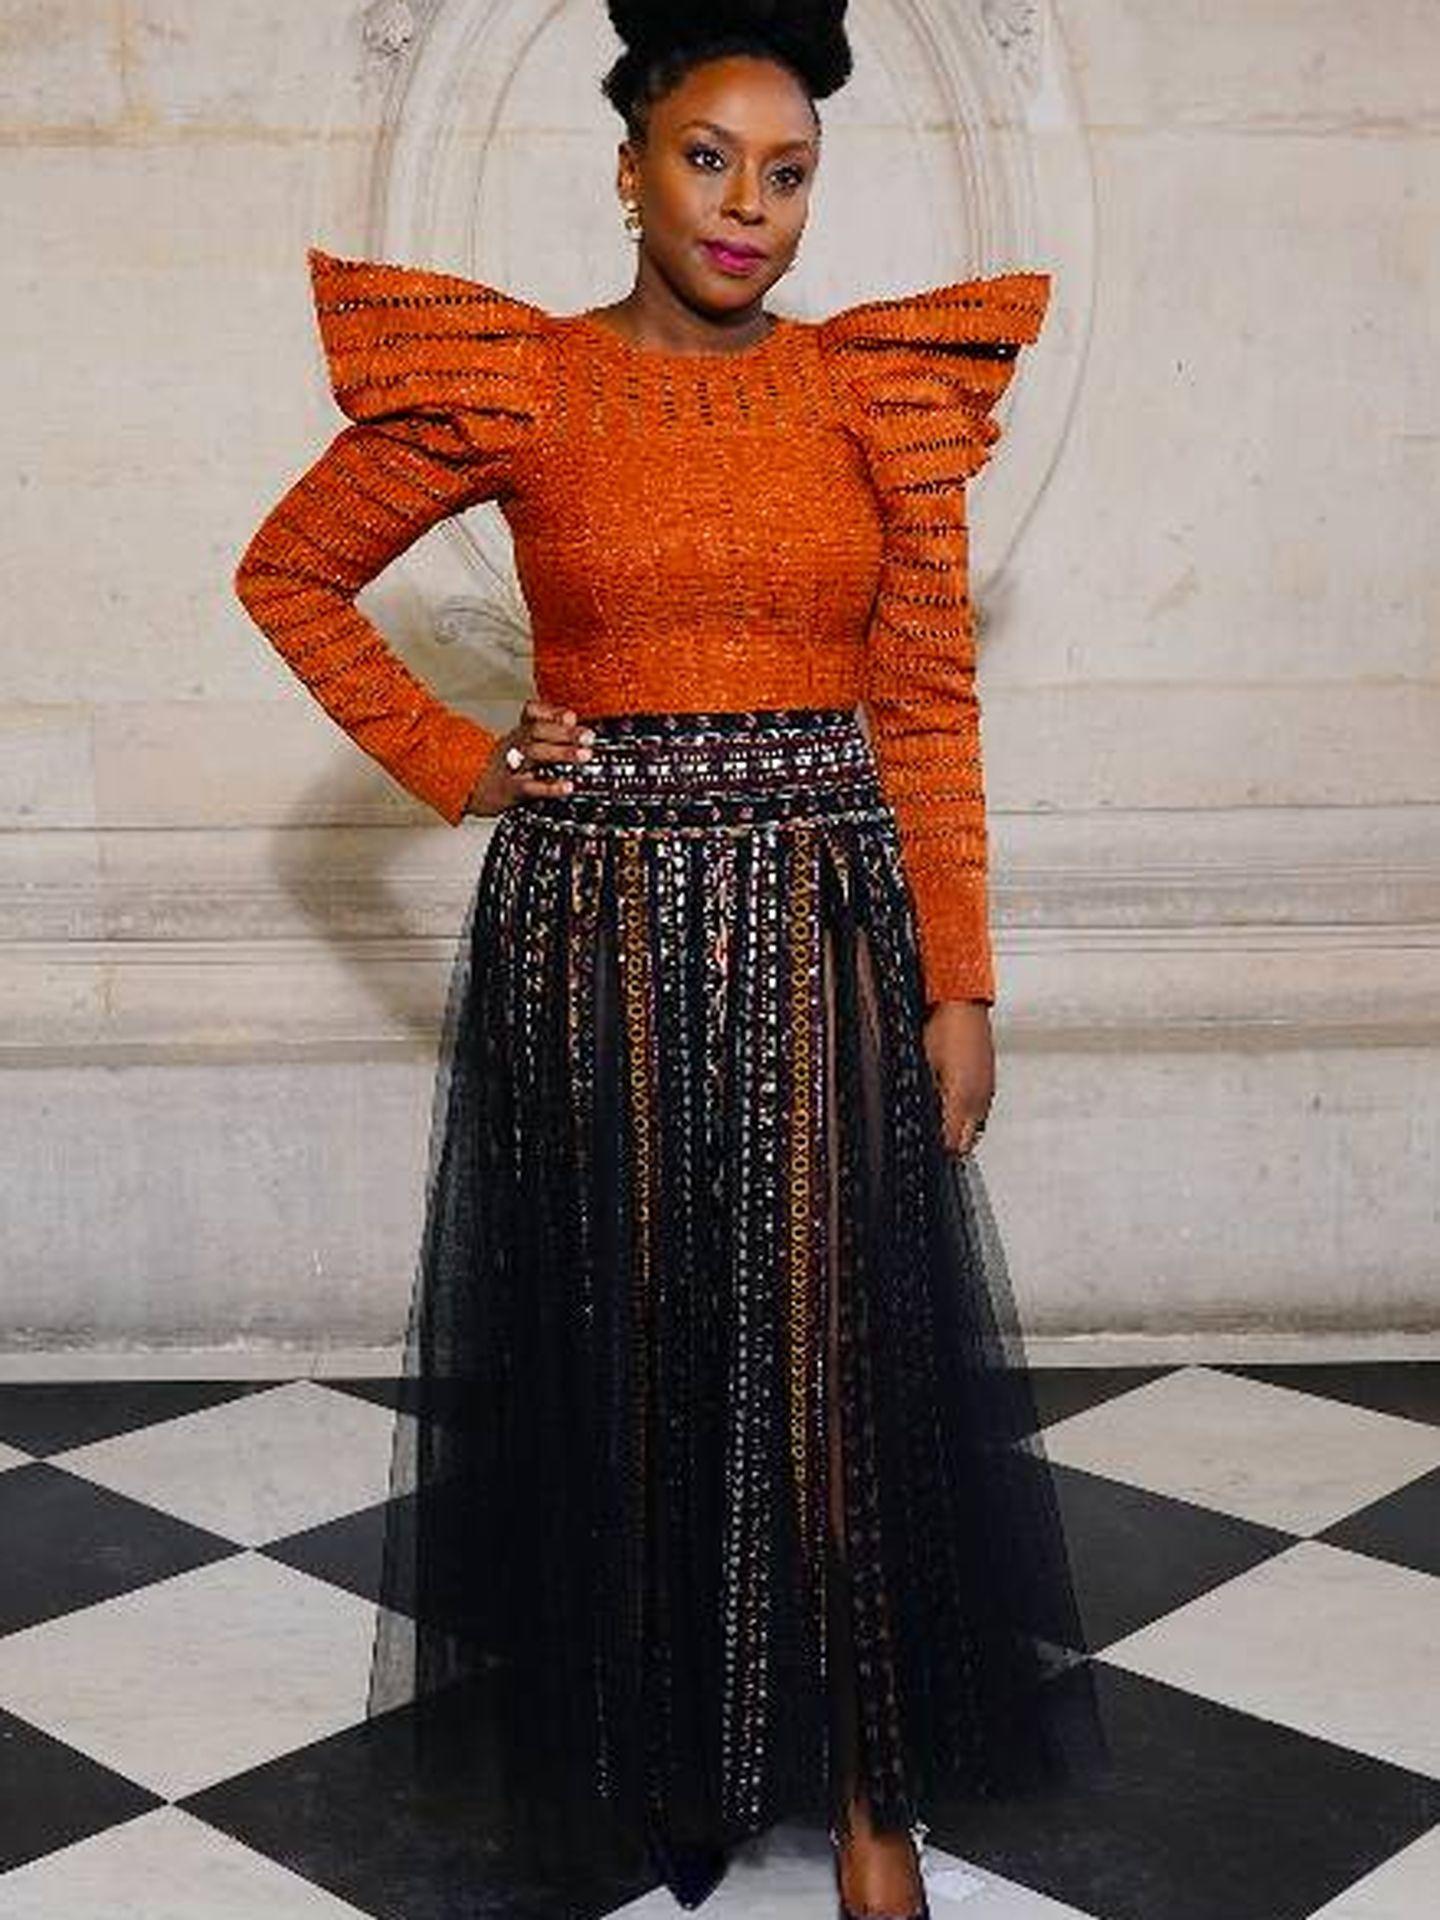 Chimamanda Ngozi Adichie. (Getty)